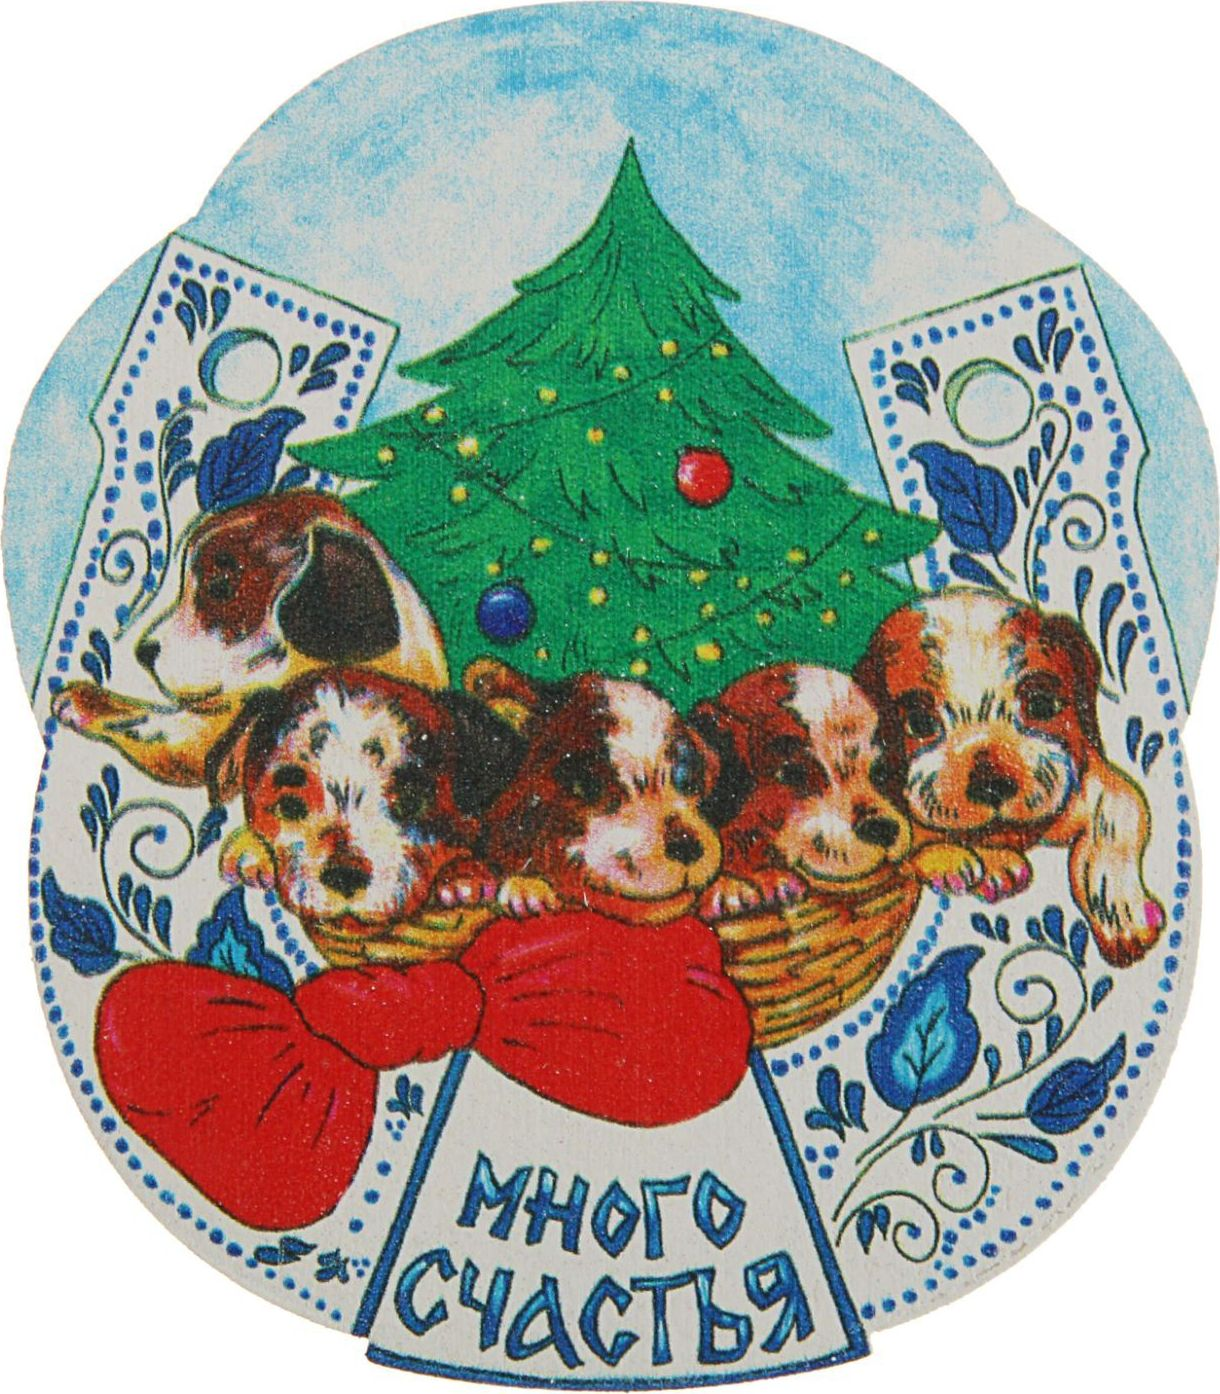 Магнит ТД ДМ Много счастья. Символ года, 8 х 7 см2368023Порадуйте родных и близких оригинальным сувениром: преподнесите в подарок магнит. С ним даже самый серьёзный человек почувствует себя ребёнком, ожидающим чудо!Создайте праздничное настроение, и оно останется с вами на весь год.